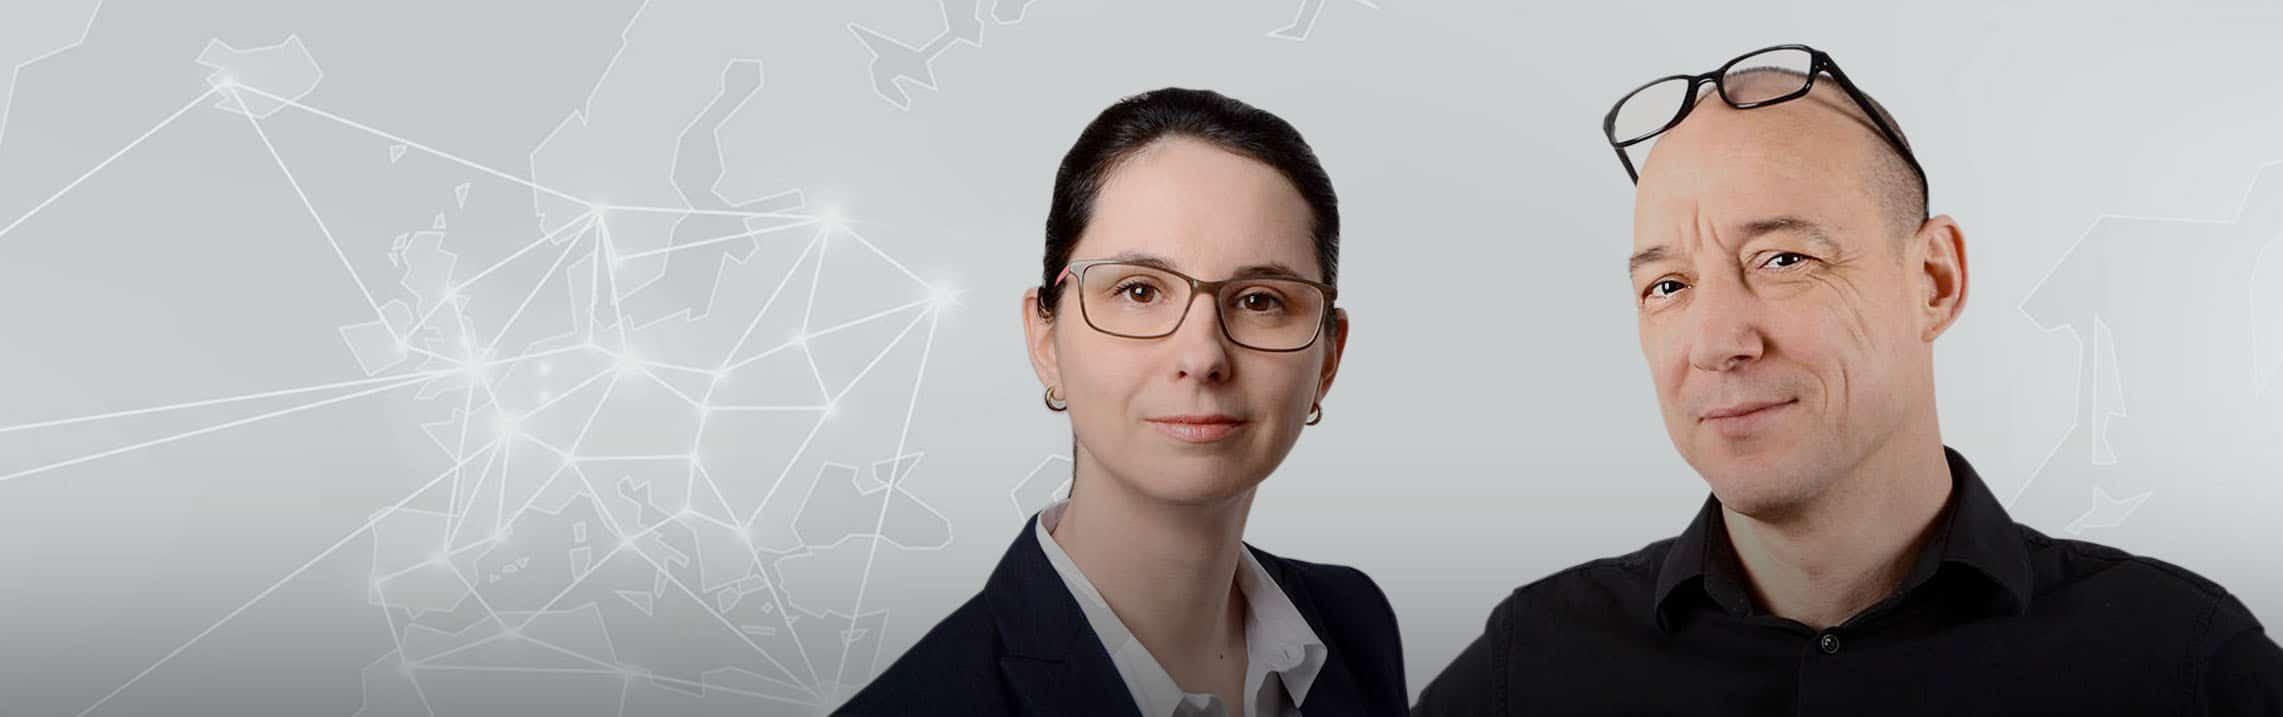 Datenschutzberatung von Rebecca Wiemer und Christian Arndt in Berlin, Freiburg und an der Ruhr